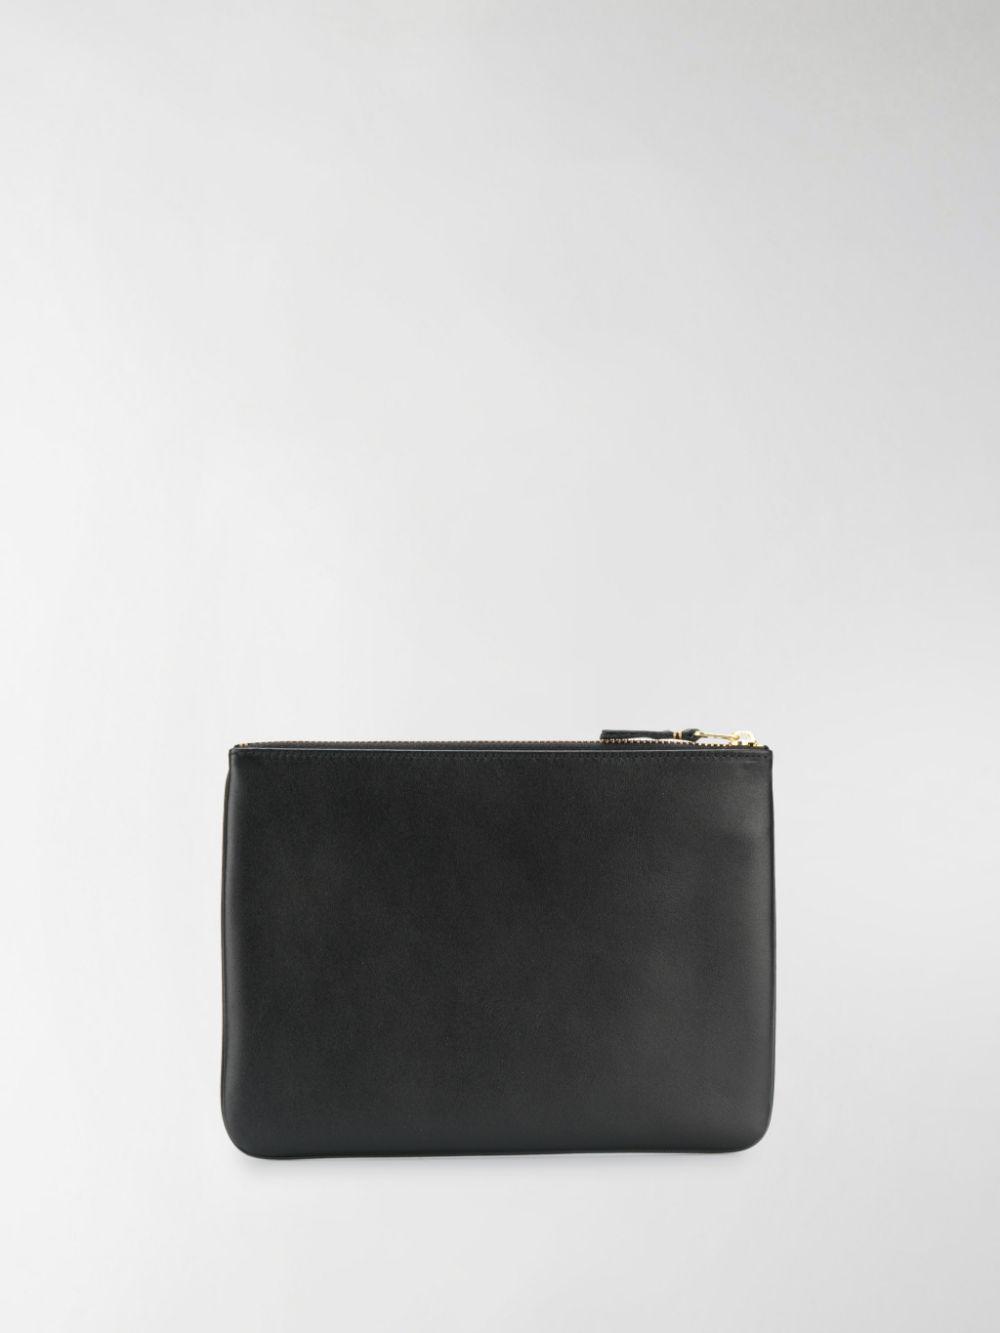 Comme des garçons logo wallet unisex COMME DES GARÇONS WALLET | Wallets | SA5100800